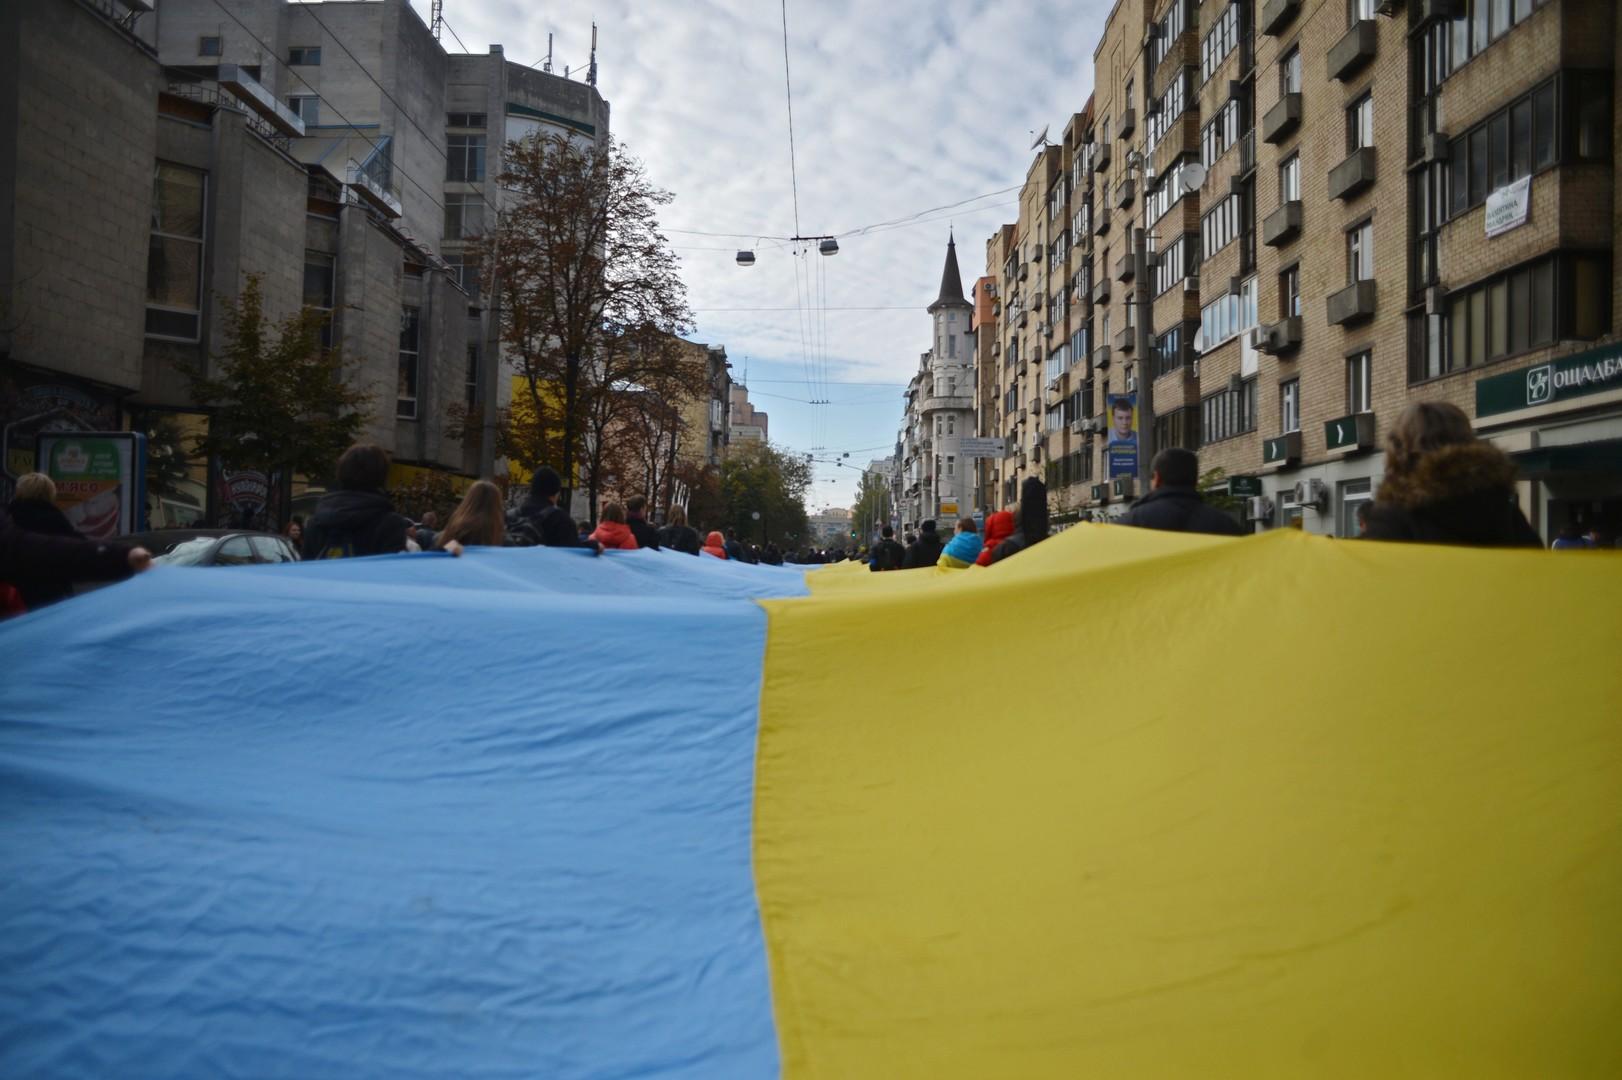 Трудности цветопередачи: как украинцам повсюду мерещится национальный флаг